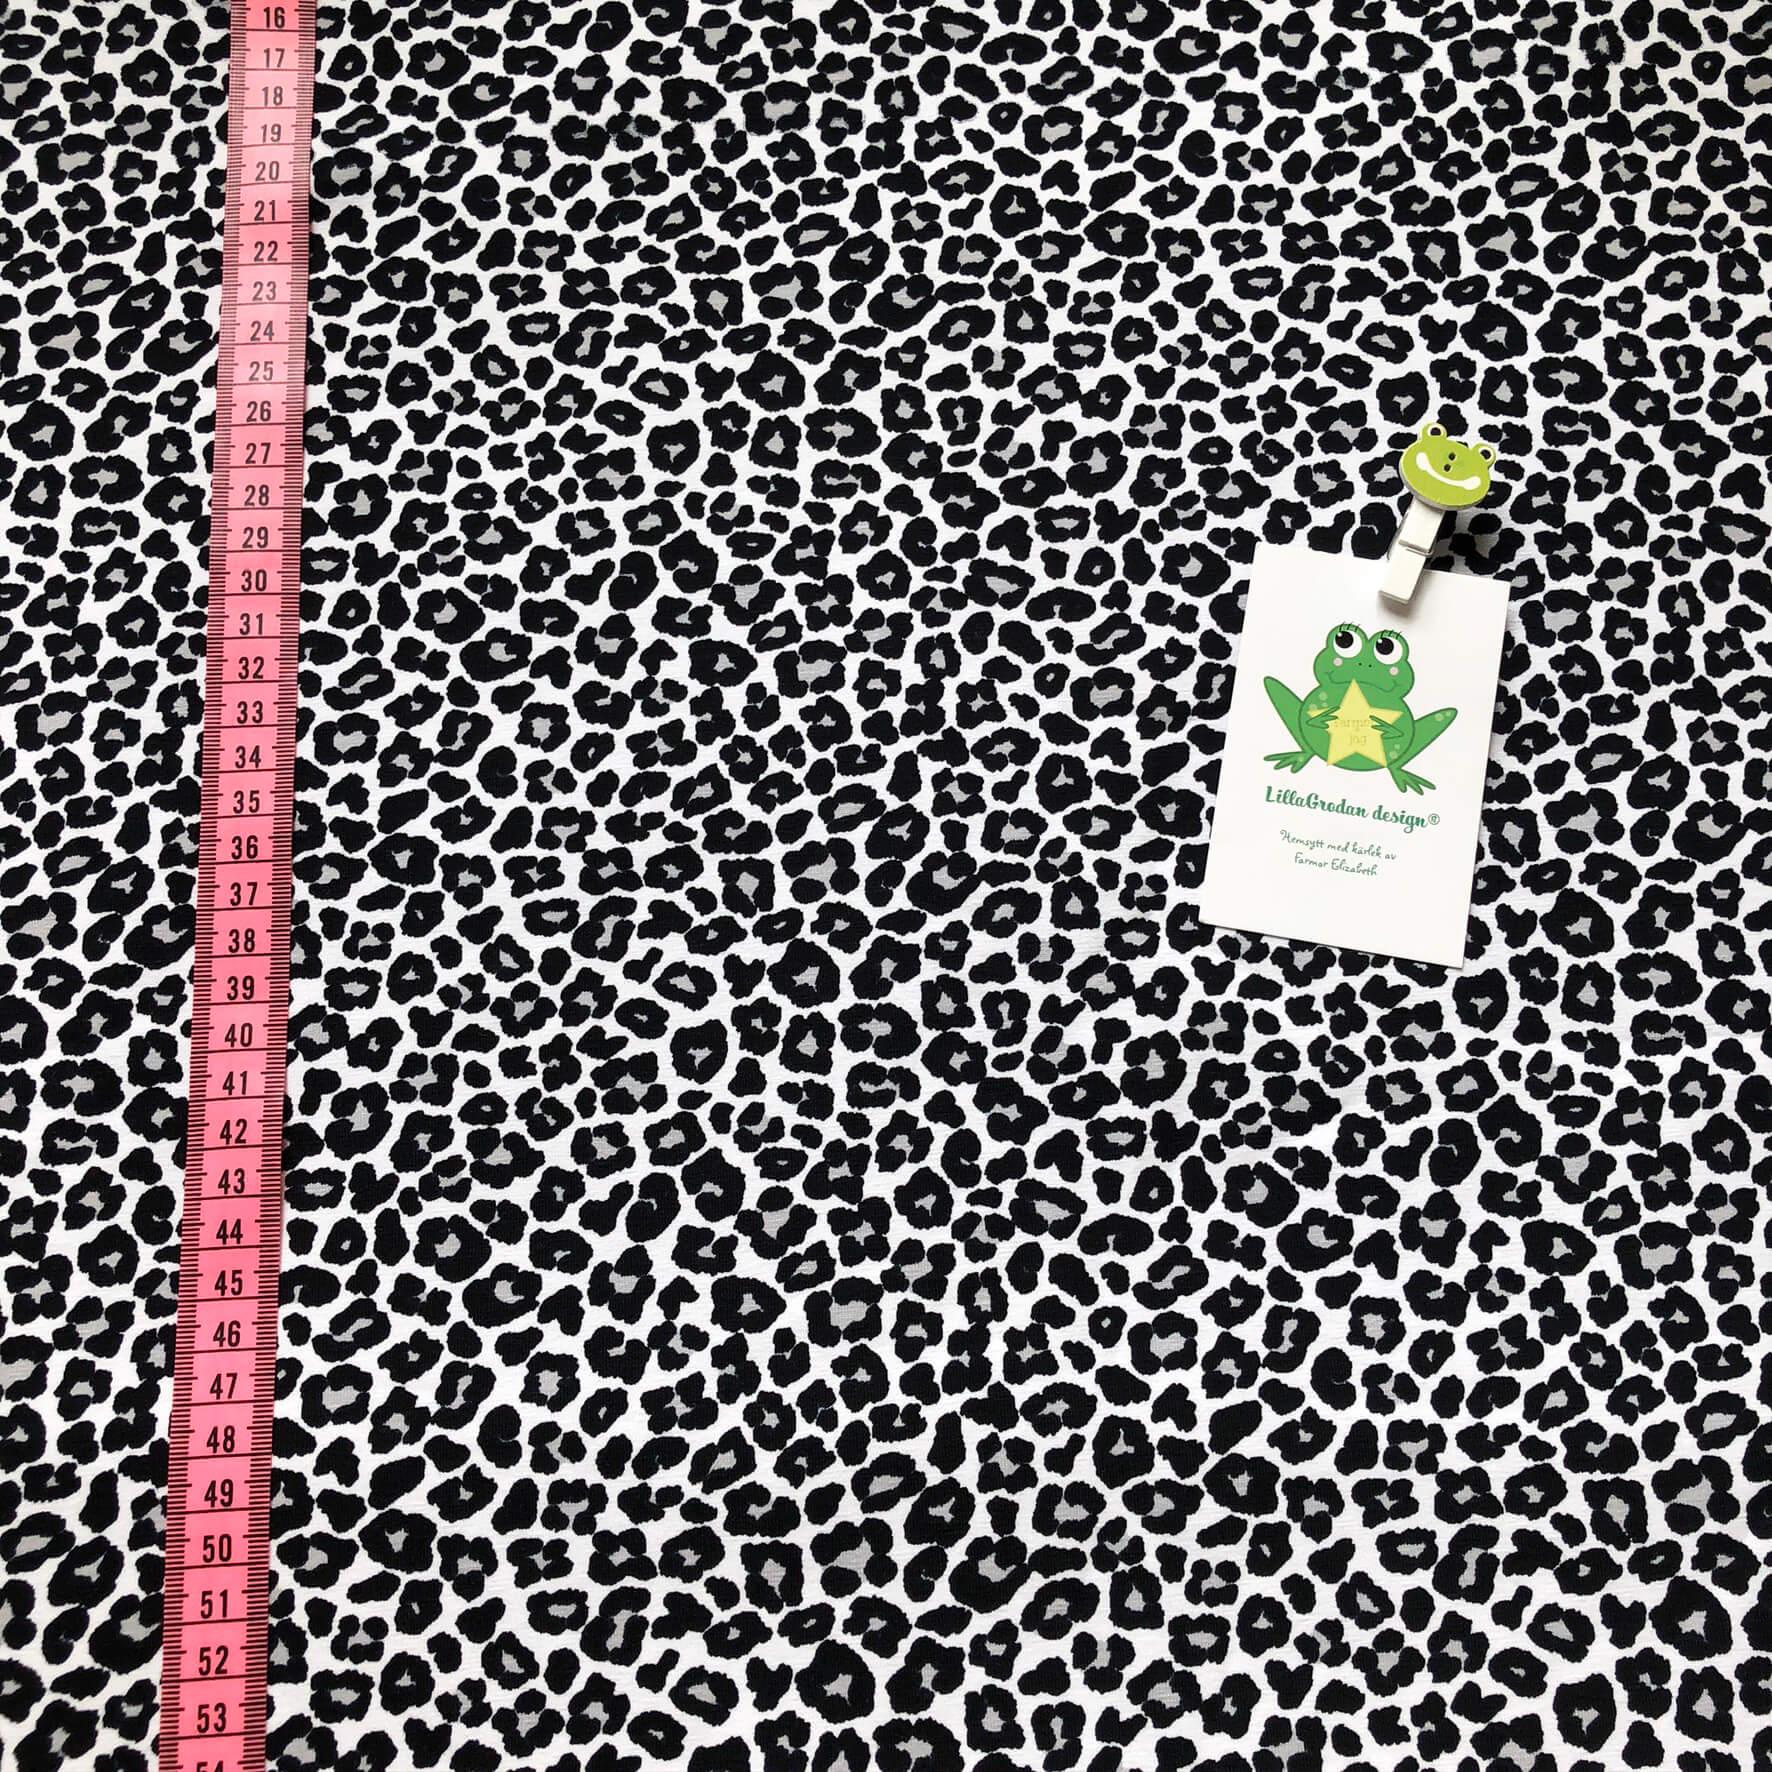 Leopard Mini, GråSvart #606, ökotex